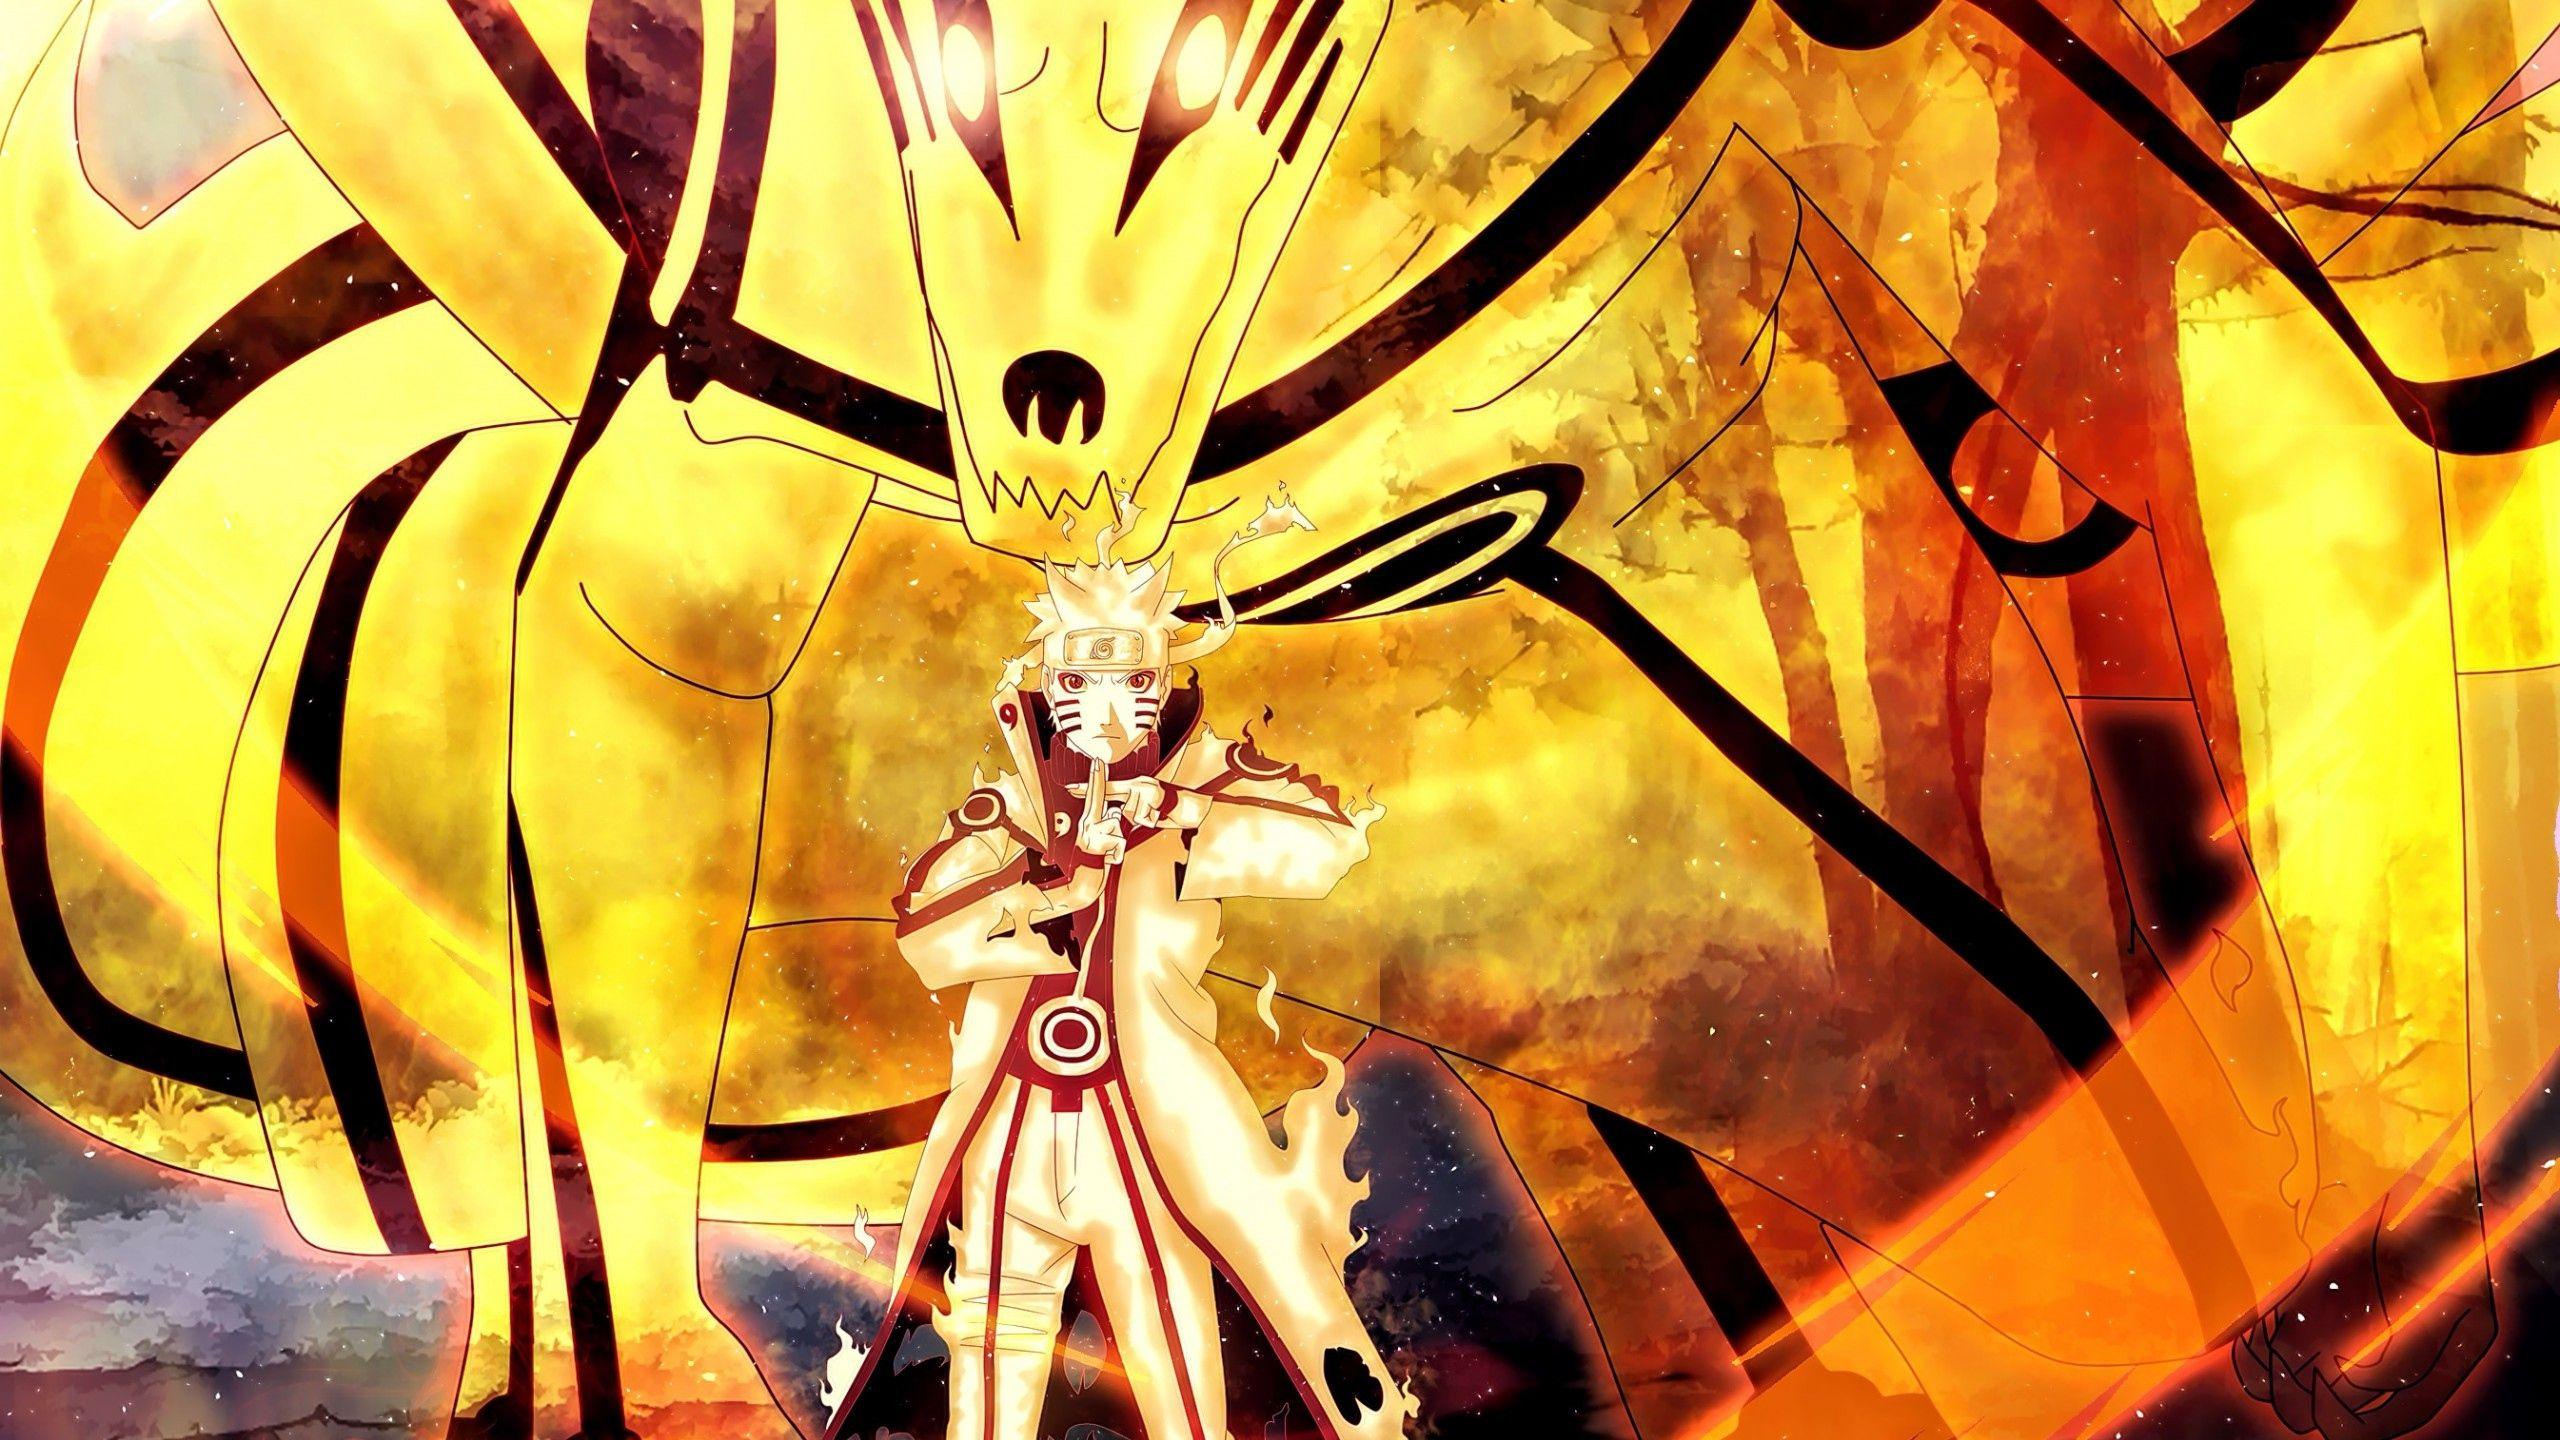 Naruto Naruto Wallpaper Wallpaper Naruto Shippuden Hd Anime Wallpapers